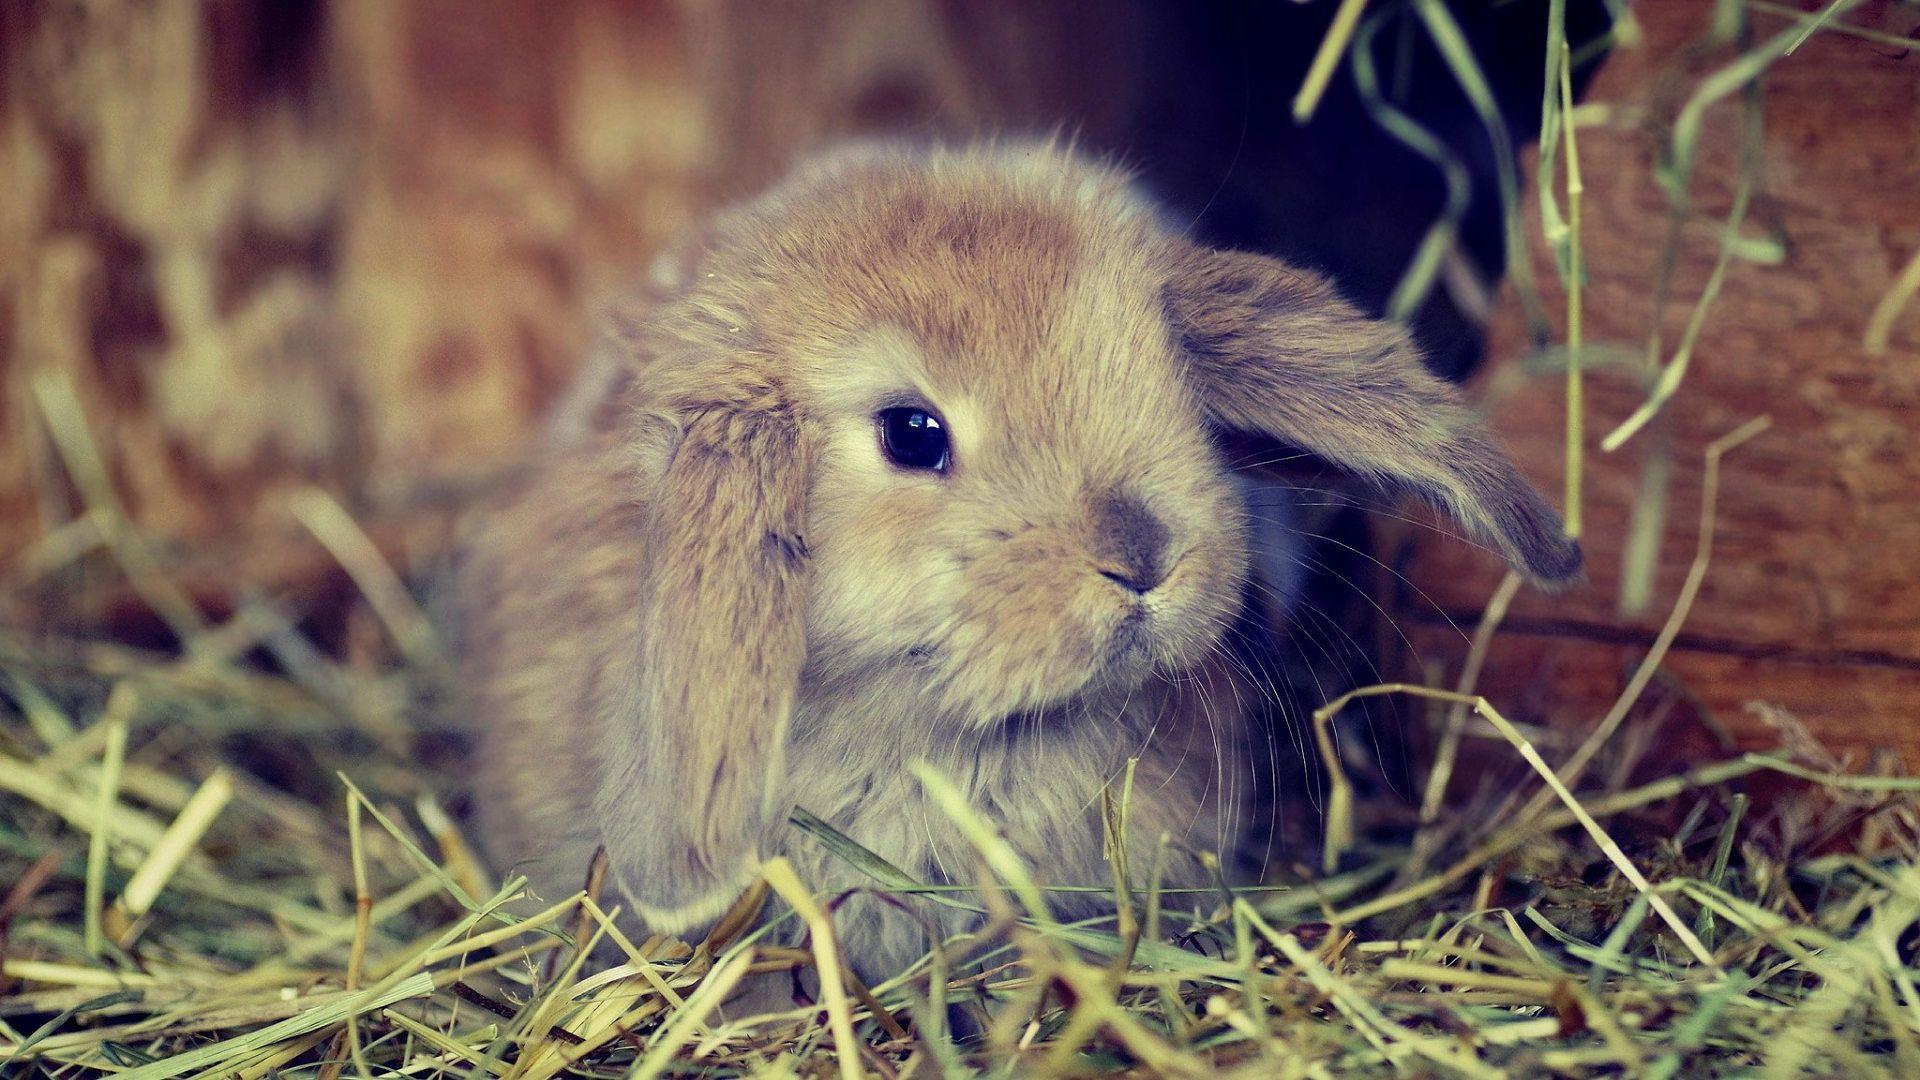 1920x1080 Cute fluffy bunny Wallpaper Fluffy bunny